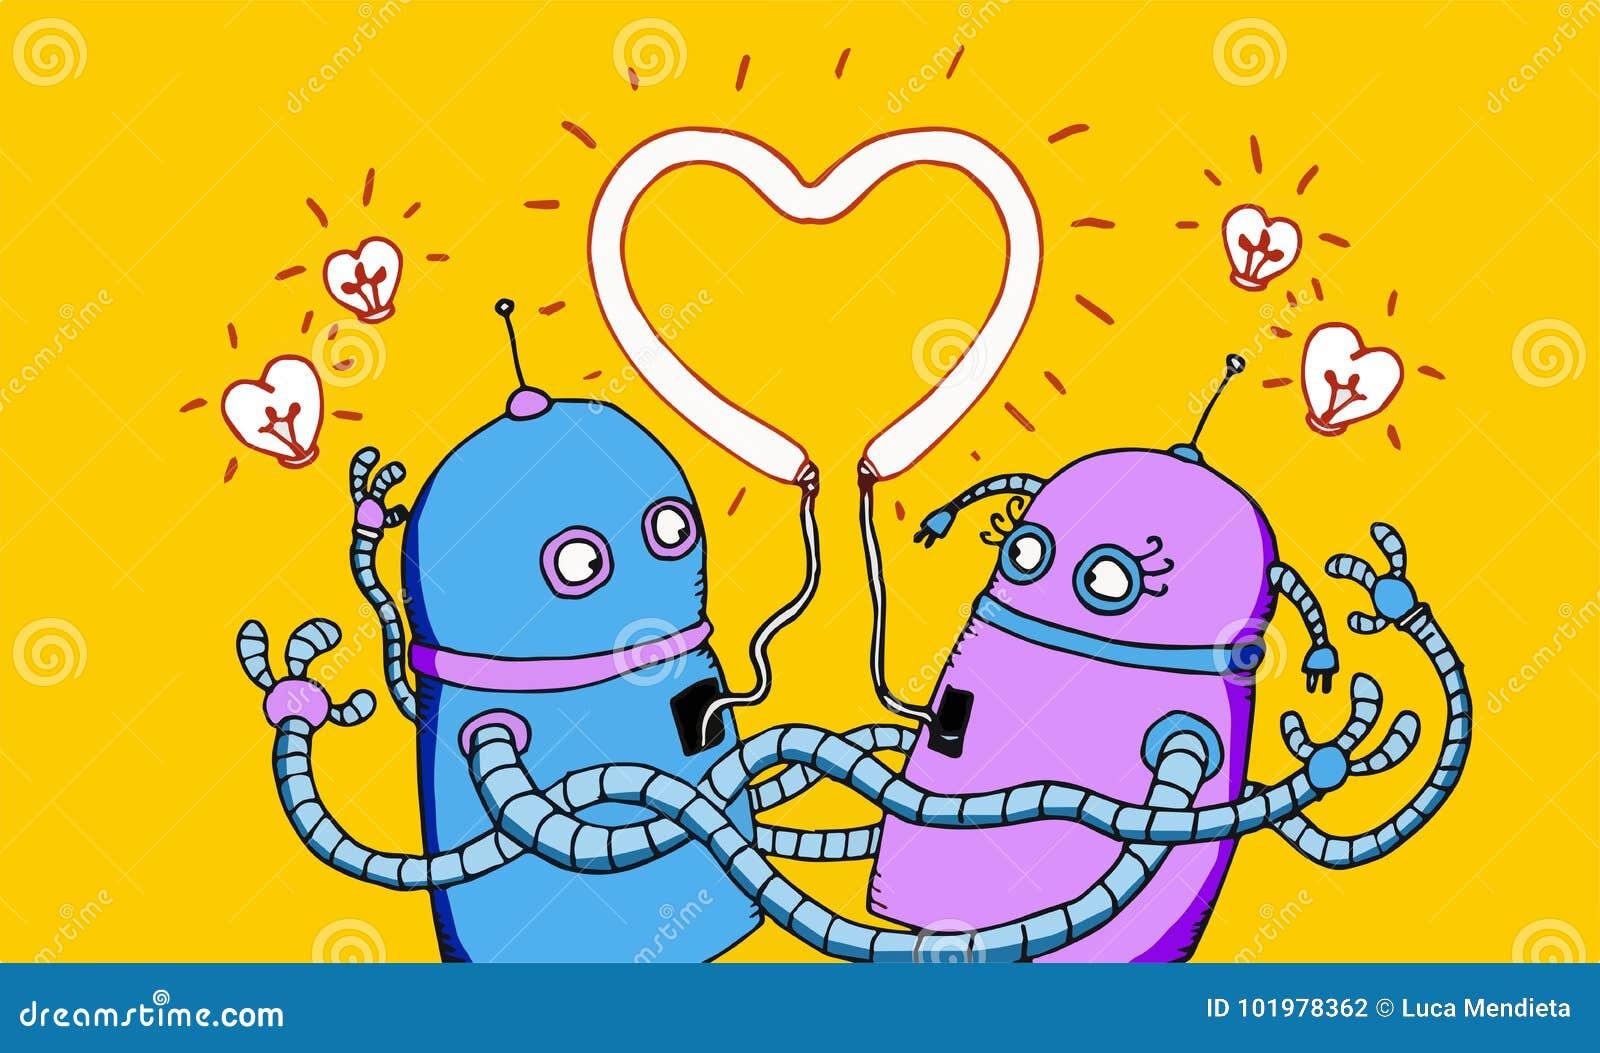 Förälskade robotar